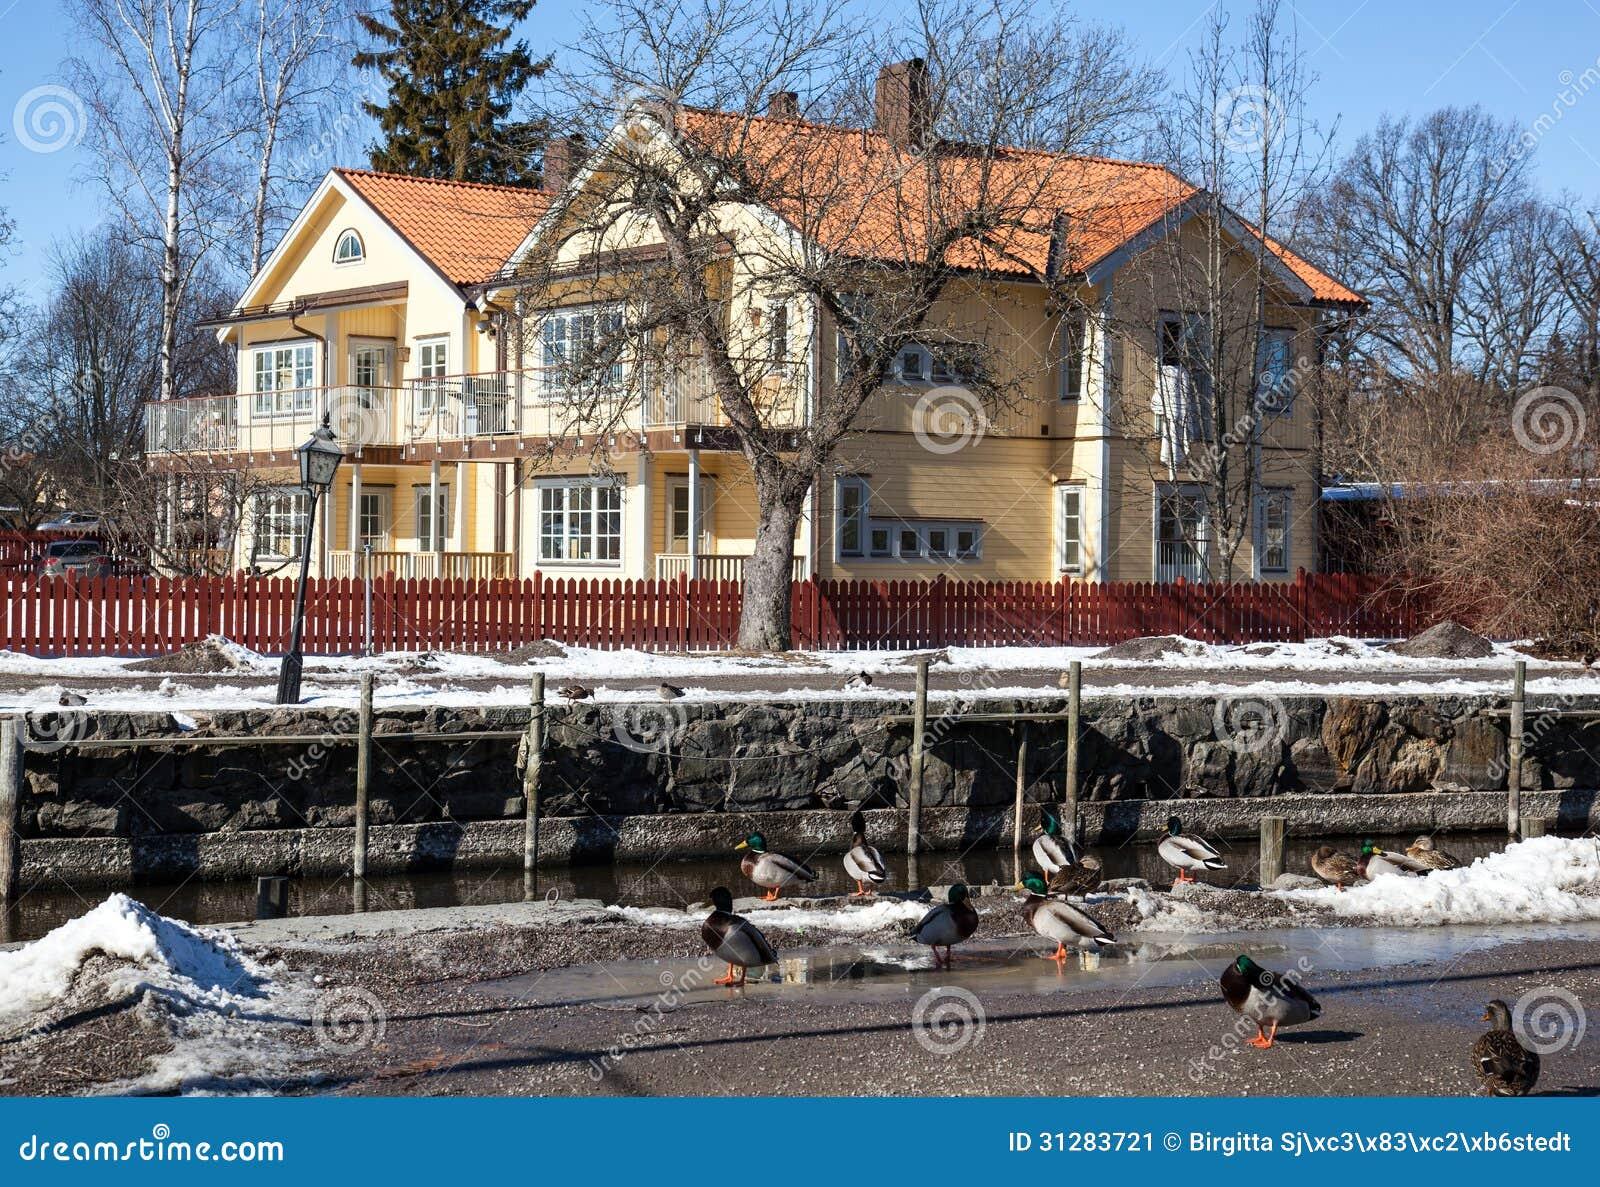 Casas y ambiente en Suecia.